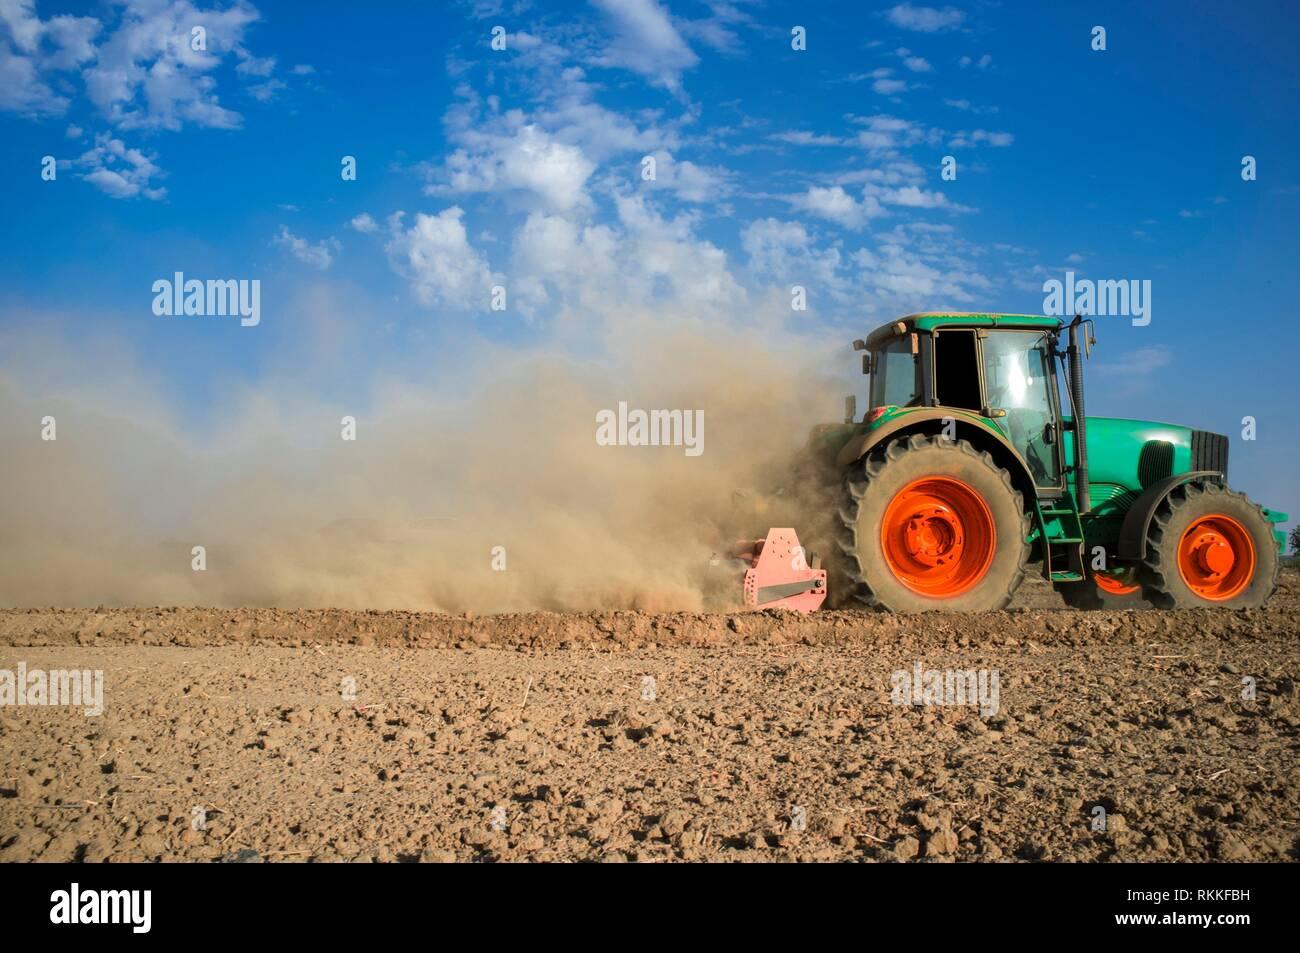 Tractor agrícola preparando polvoriento suelo afectados por la sequía. La sequía y el concepto de agricultura. España. Imagen De Stock